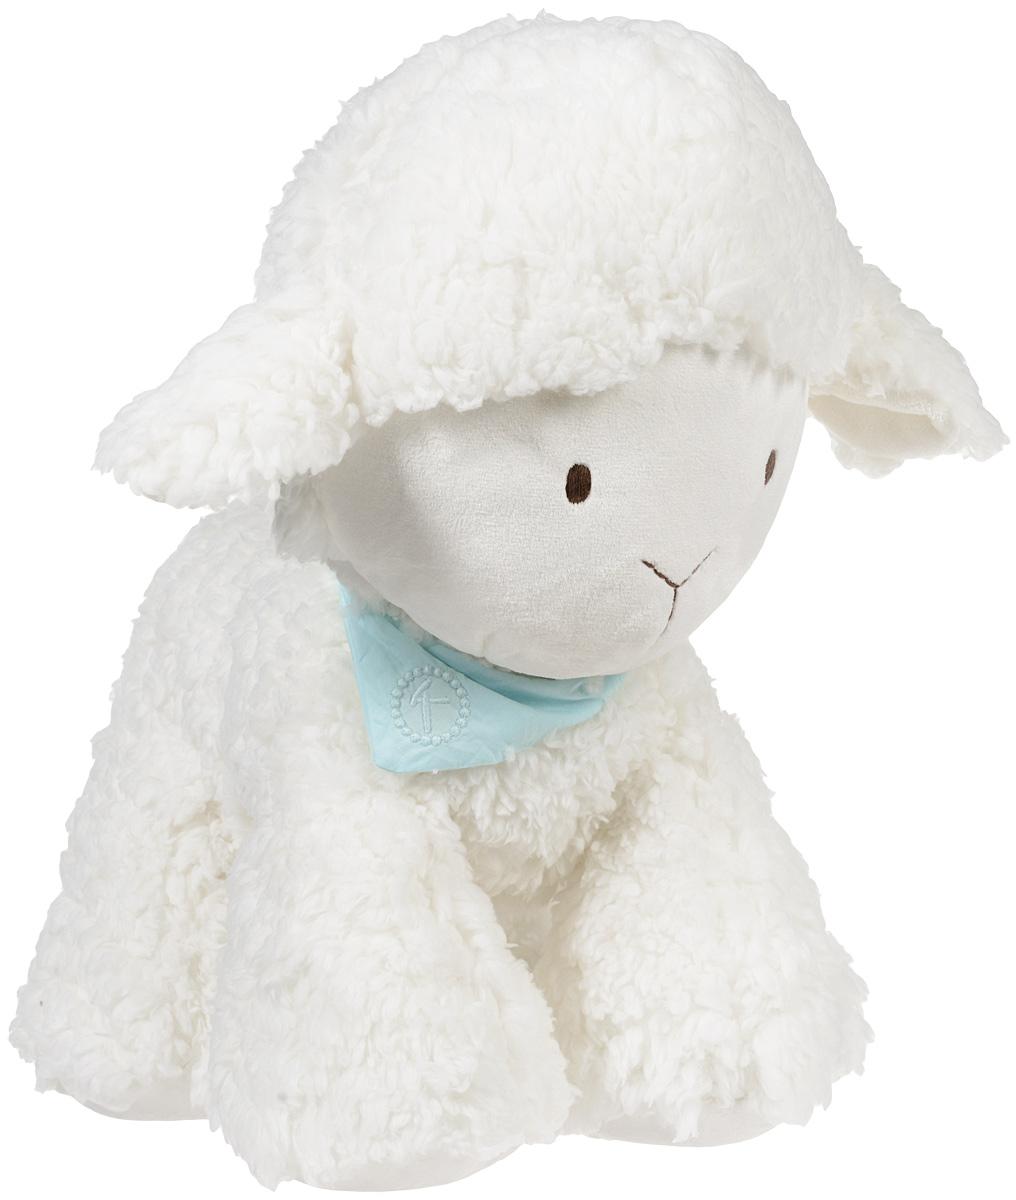 Kaloo Мягкая игрушка Овечка 45 смK963139Очаровательная мягкая игрушка Kaloo Овечка на долгие годы станет одной из самых любимых игрушек вашего малыша. Белоснежная овечка приведет в восторг малыша. Игрушка выполнена из качественных и безопасных для здоровья детей материалов, которые не вызывают аллергии, приятны на ощупь и доставляют большое удовольствие во время игр. Специальные гранулы, используемые при ее набивке, способствуют развитию мелкой моторики рук малыша. Игры с мягкими игрушками развивают тактильную чувствительность и сенсорное восприятие.